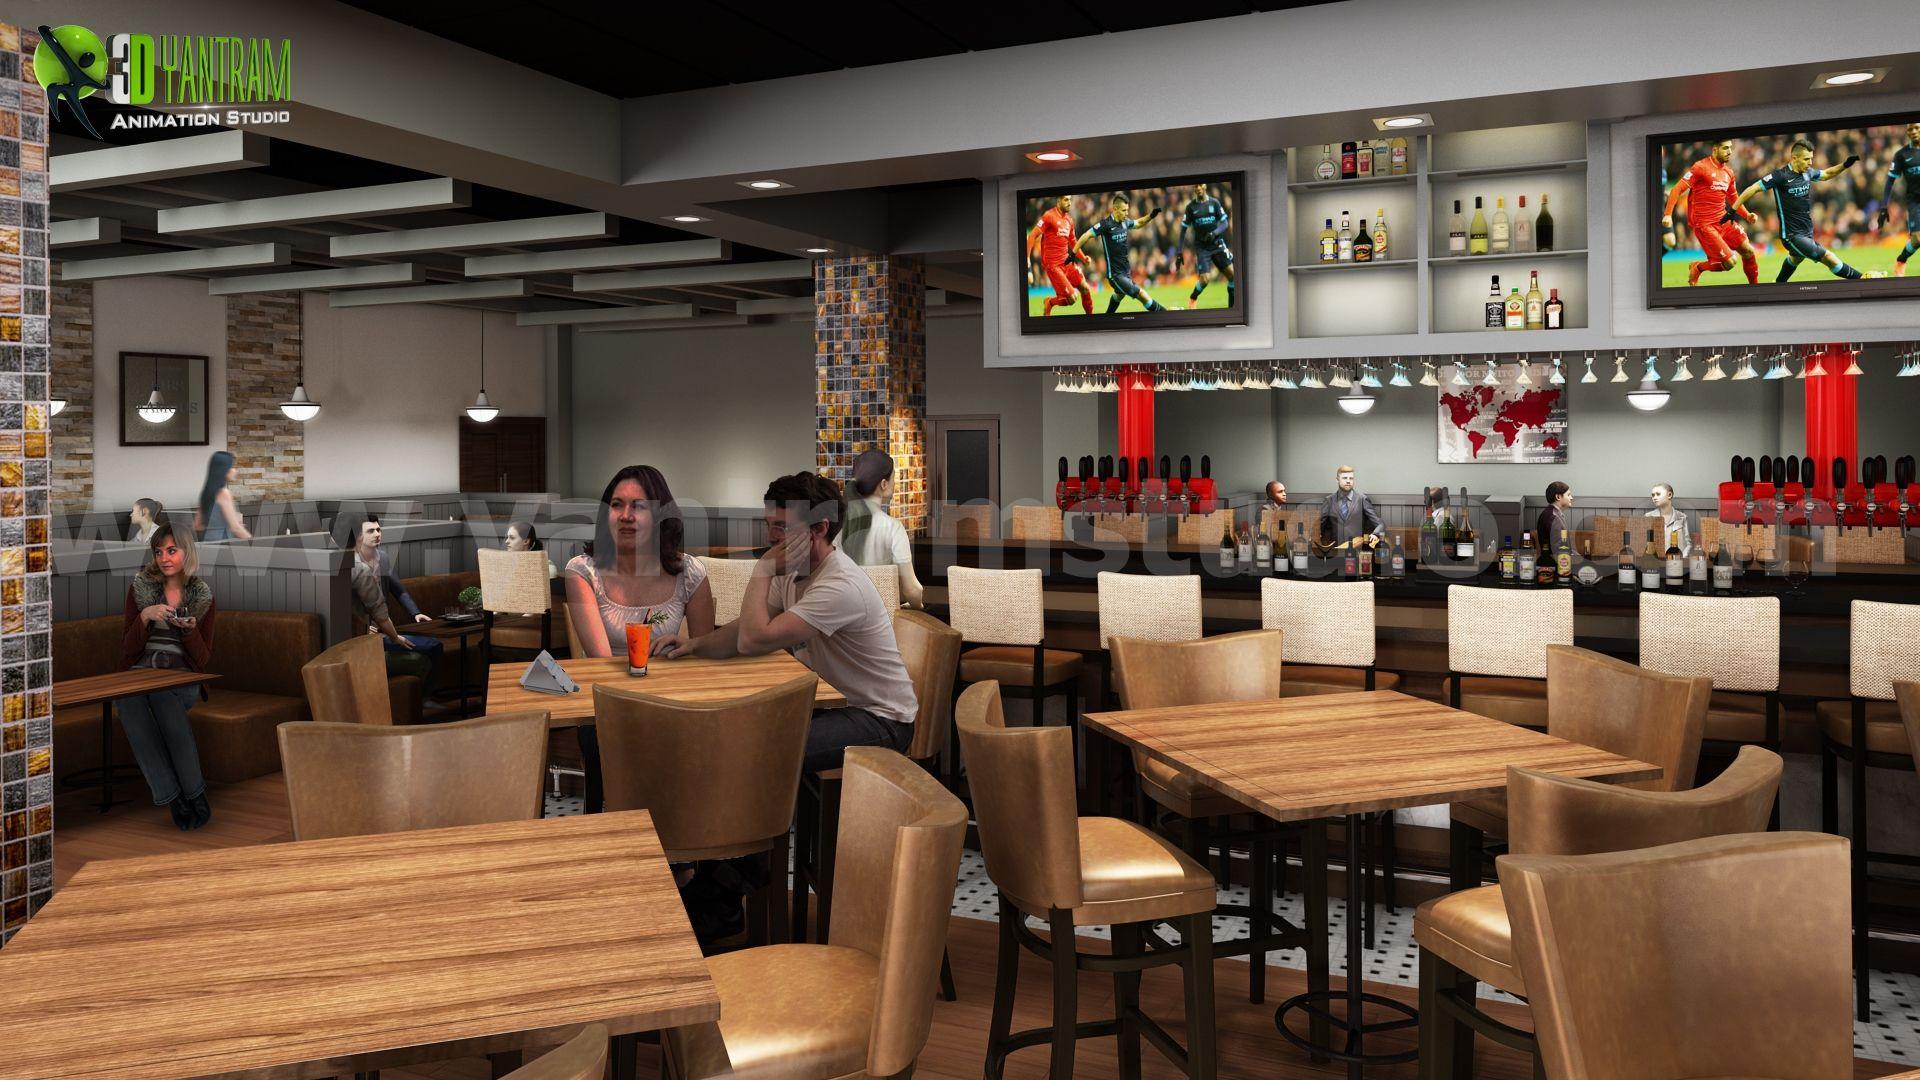 #Stylish #Restaurant #Interior #Design Ideas Around The World By Yantram  Interior Concept